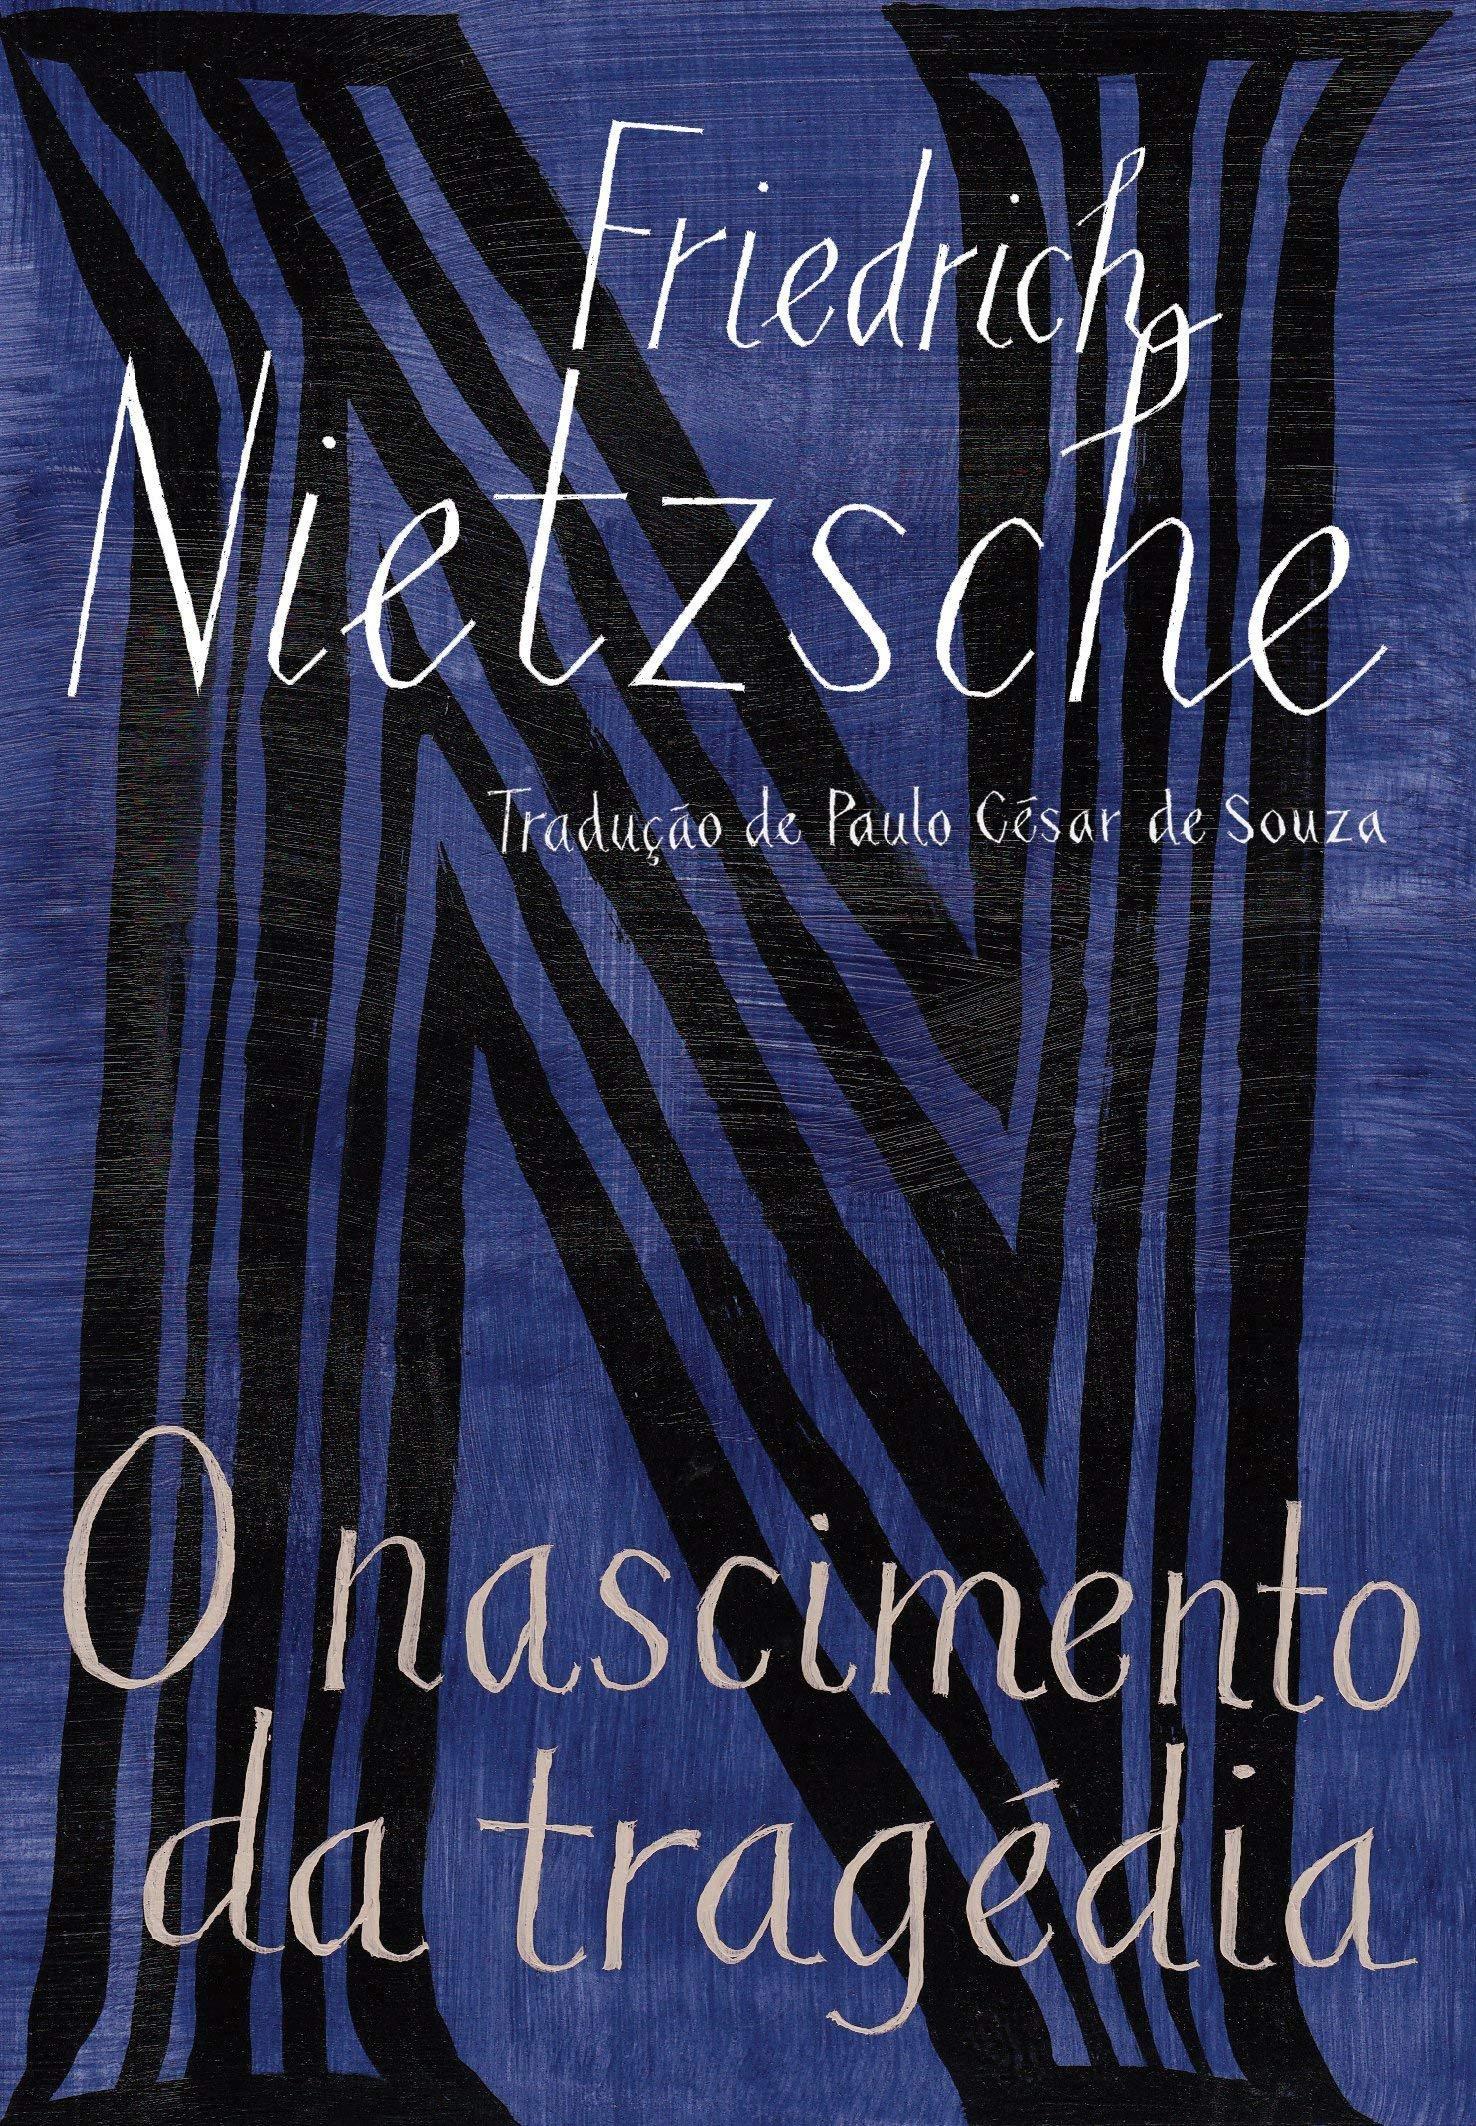 O Nascimento da Tragédia, de Friedrich Nietzsche